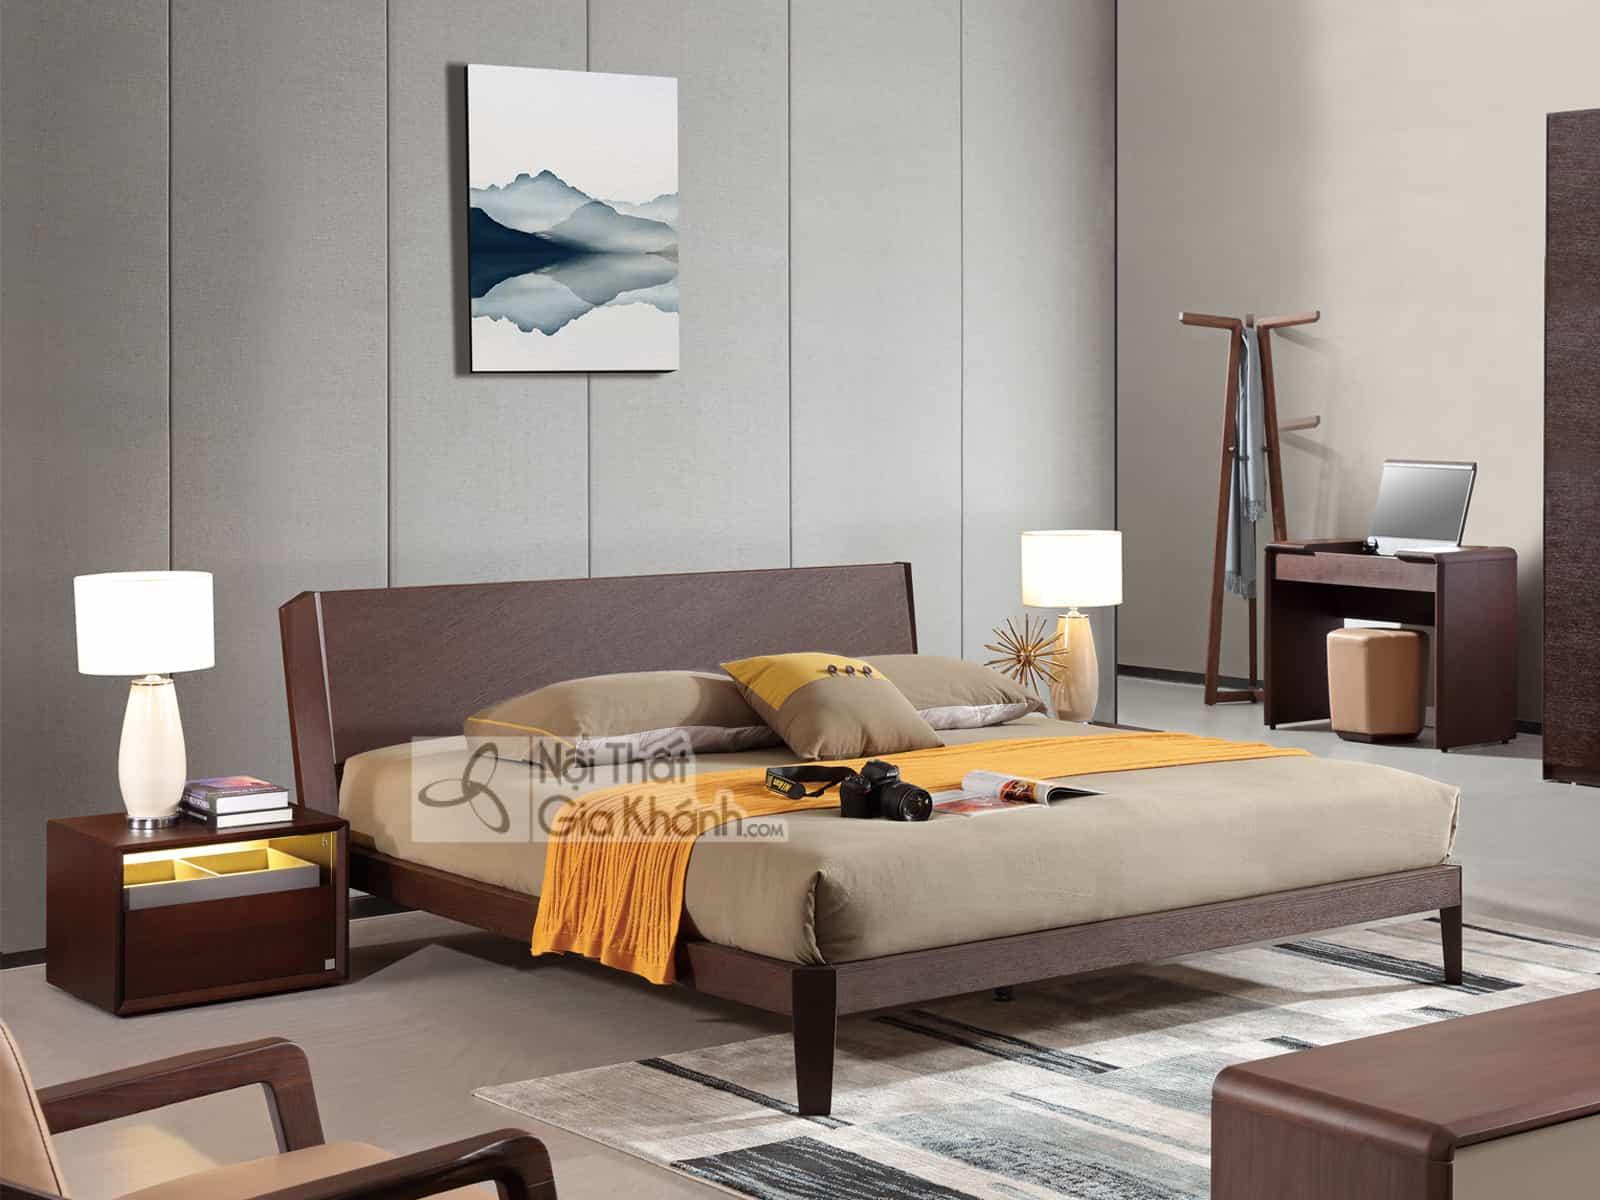 Giường Ngủ 1M5 Gỗ Đơn Giản Nhập Khẩu Gi1806-15